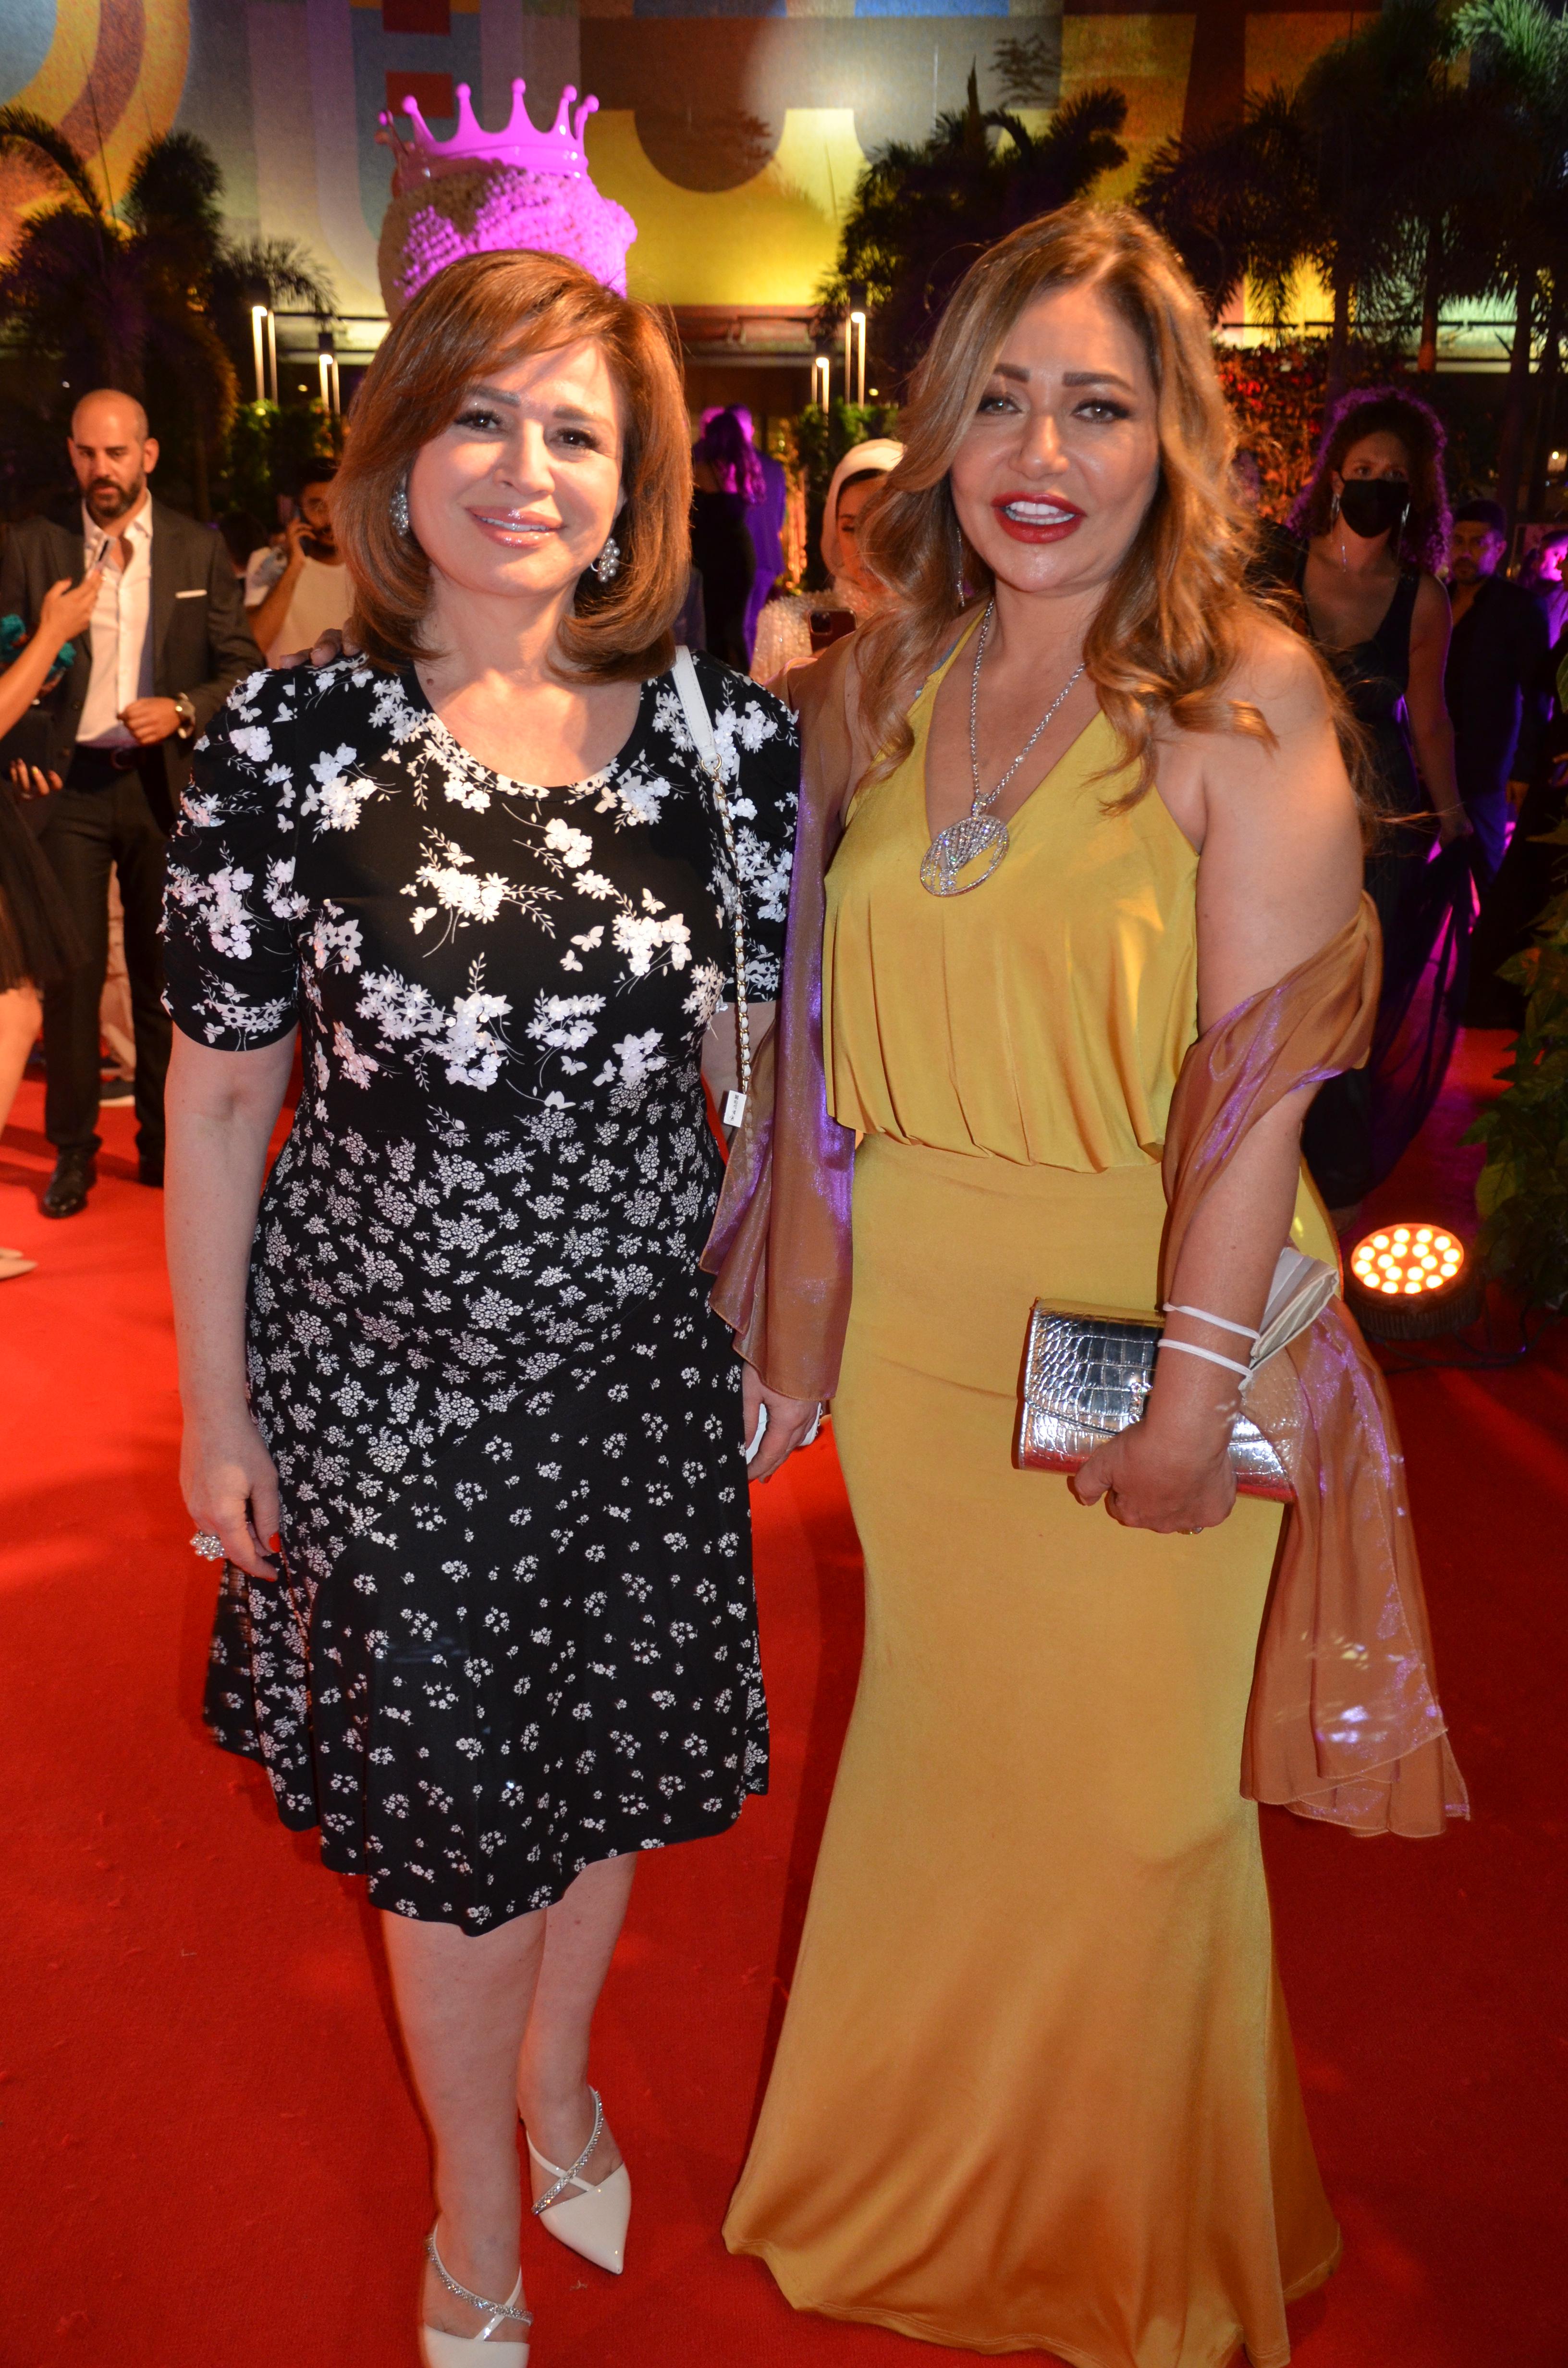 Elham Shahine & Laila Eloui